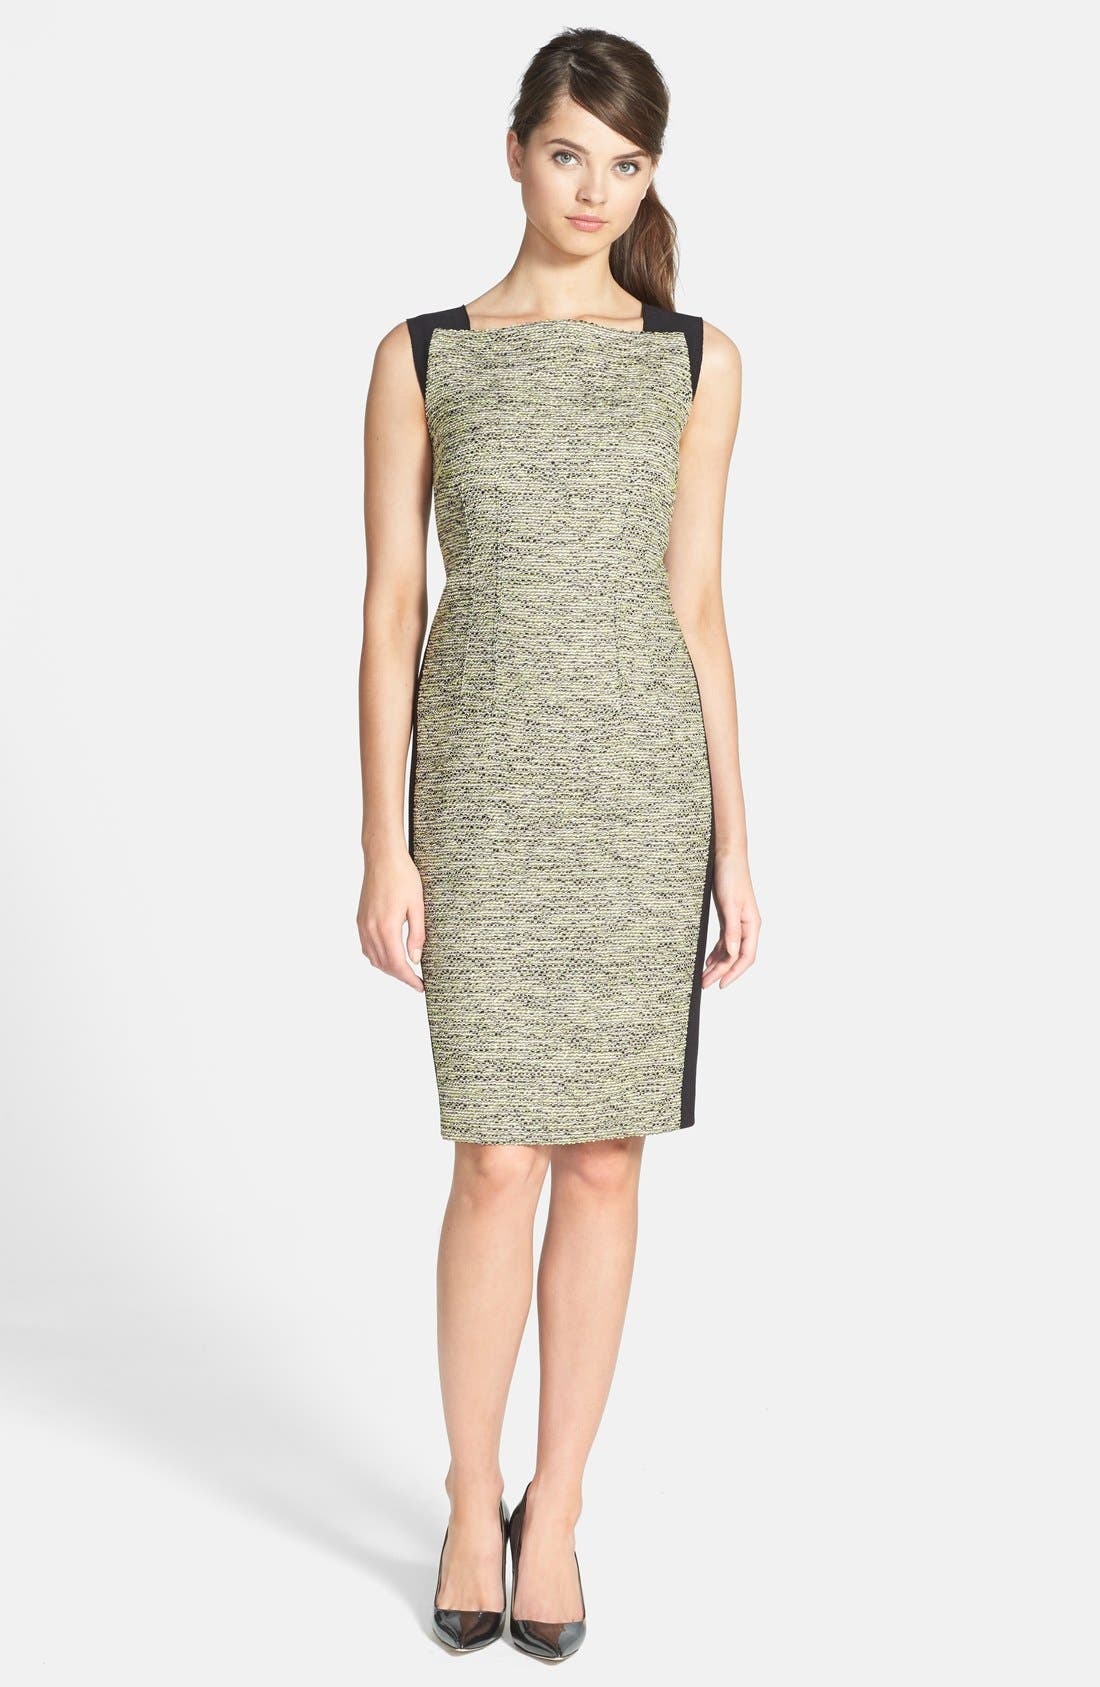 Alternate Image 1 Selected - T Tahari 'Torrence' Dress